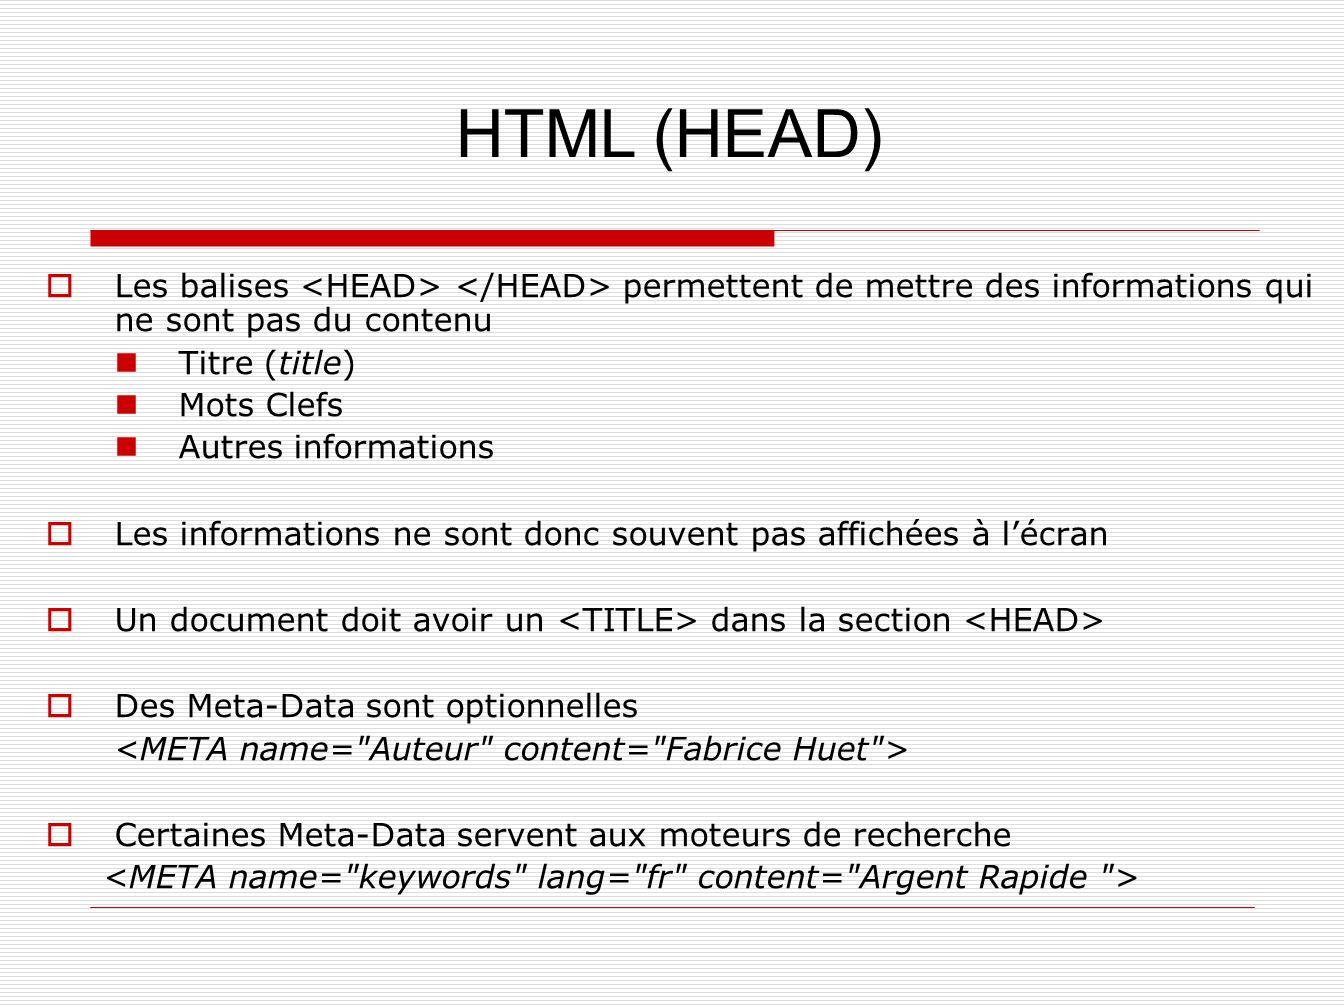 HTML (HEAD)Les balises <HEAD> </HEAD> permettent de mettre des informations qui ne sont pas du contenu.